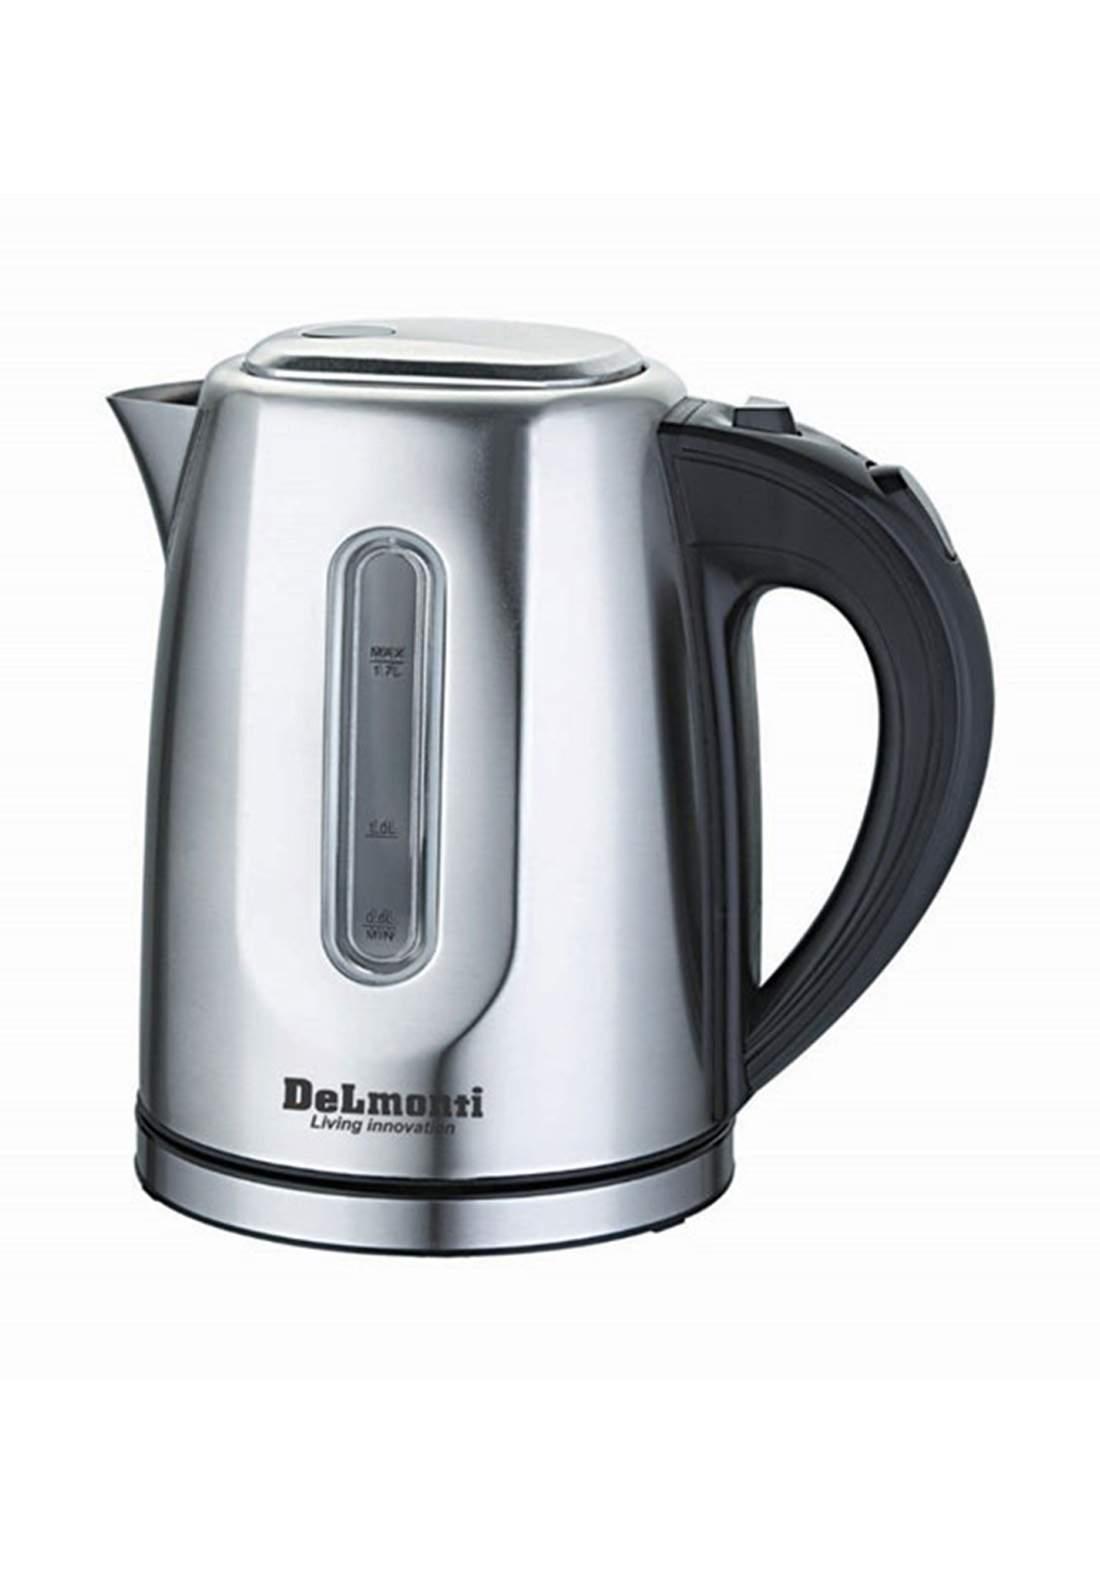 Delmonti   DL 425 Electrical kettle غلاية كهربائية